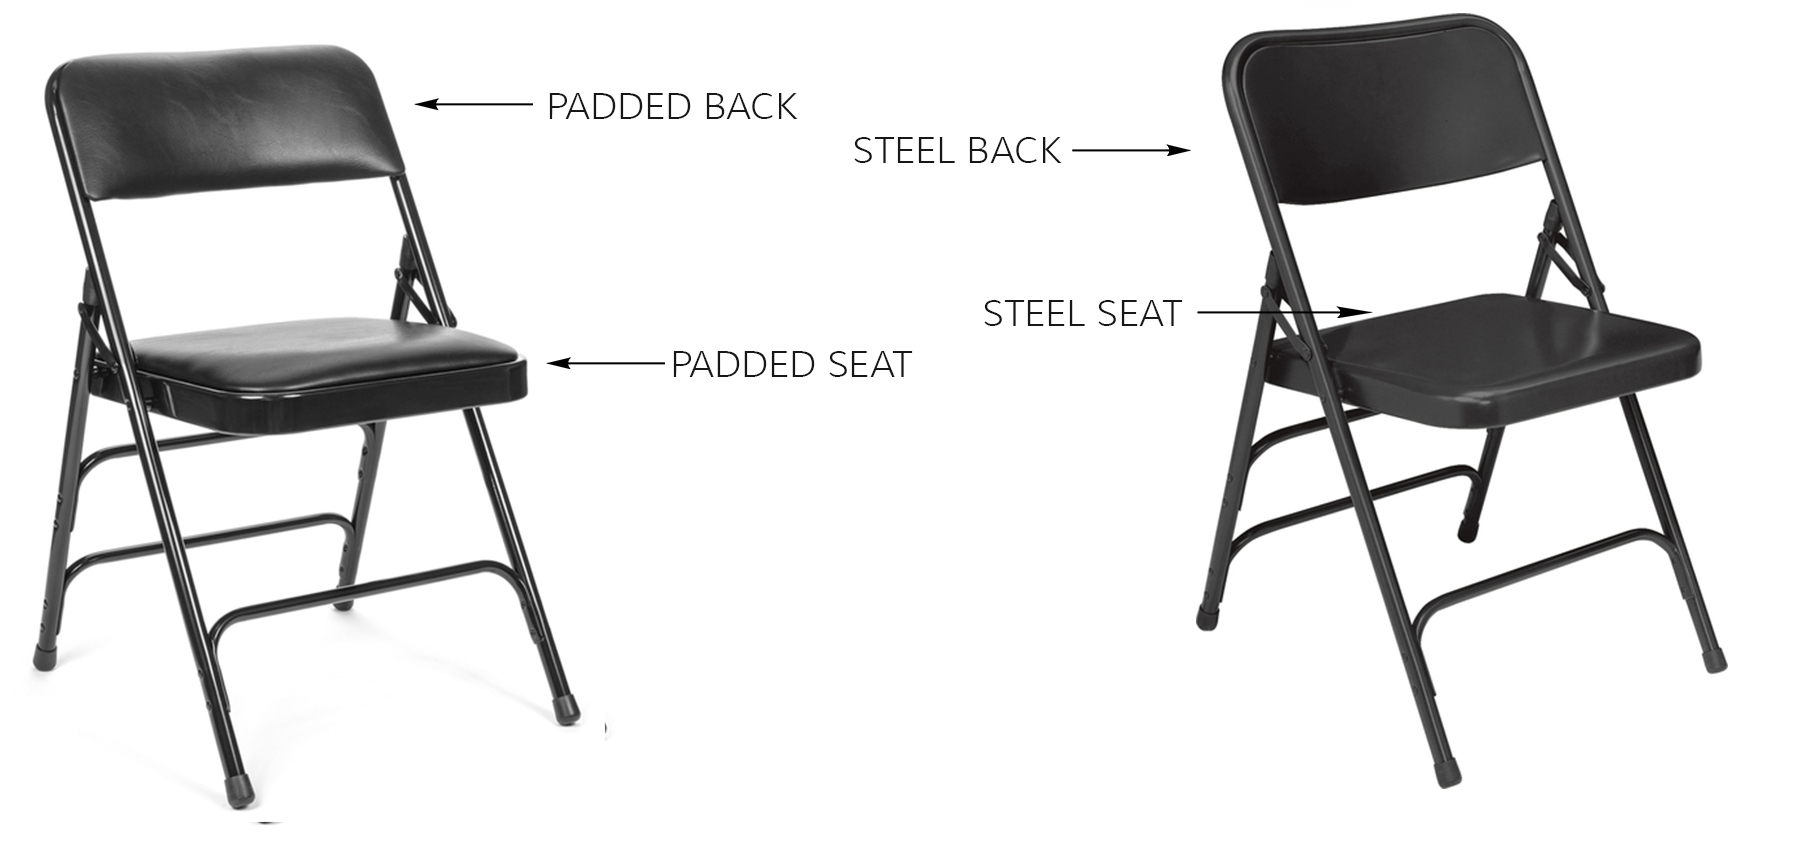 steel-padded-chair-78.jpg